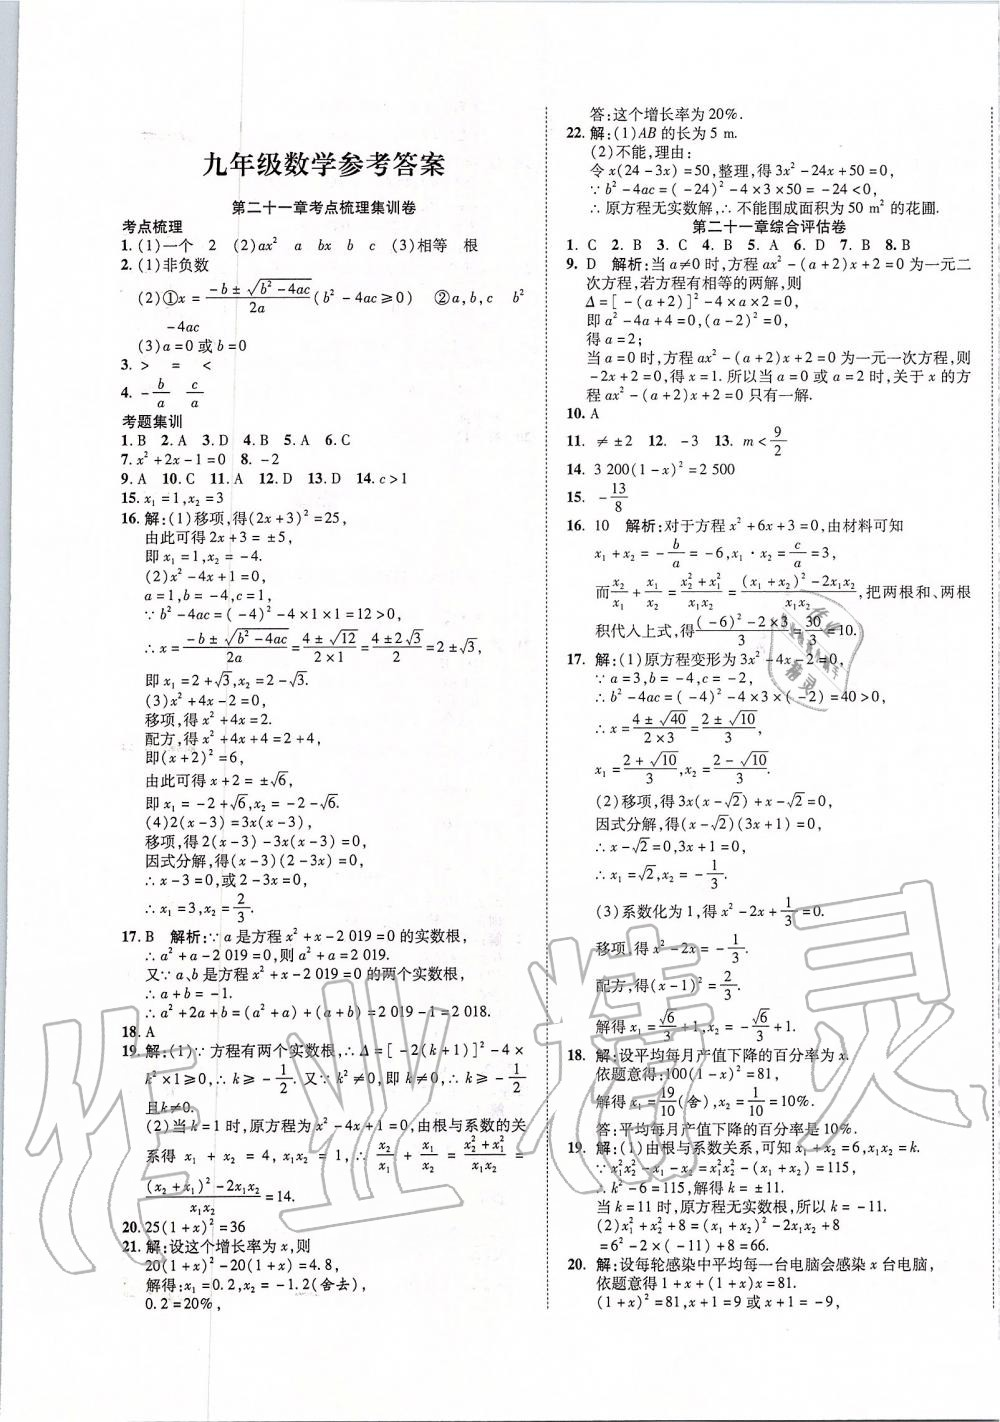 全天时时乐骗局微信_2019年一线调研卷九年级数学全一册人教版第1页